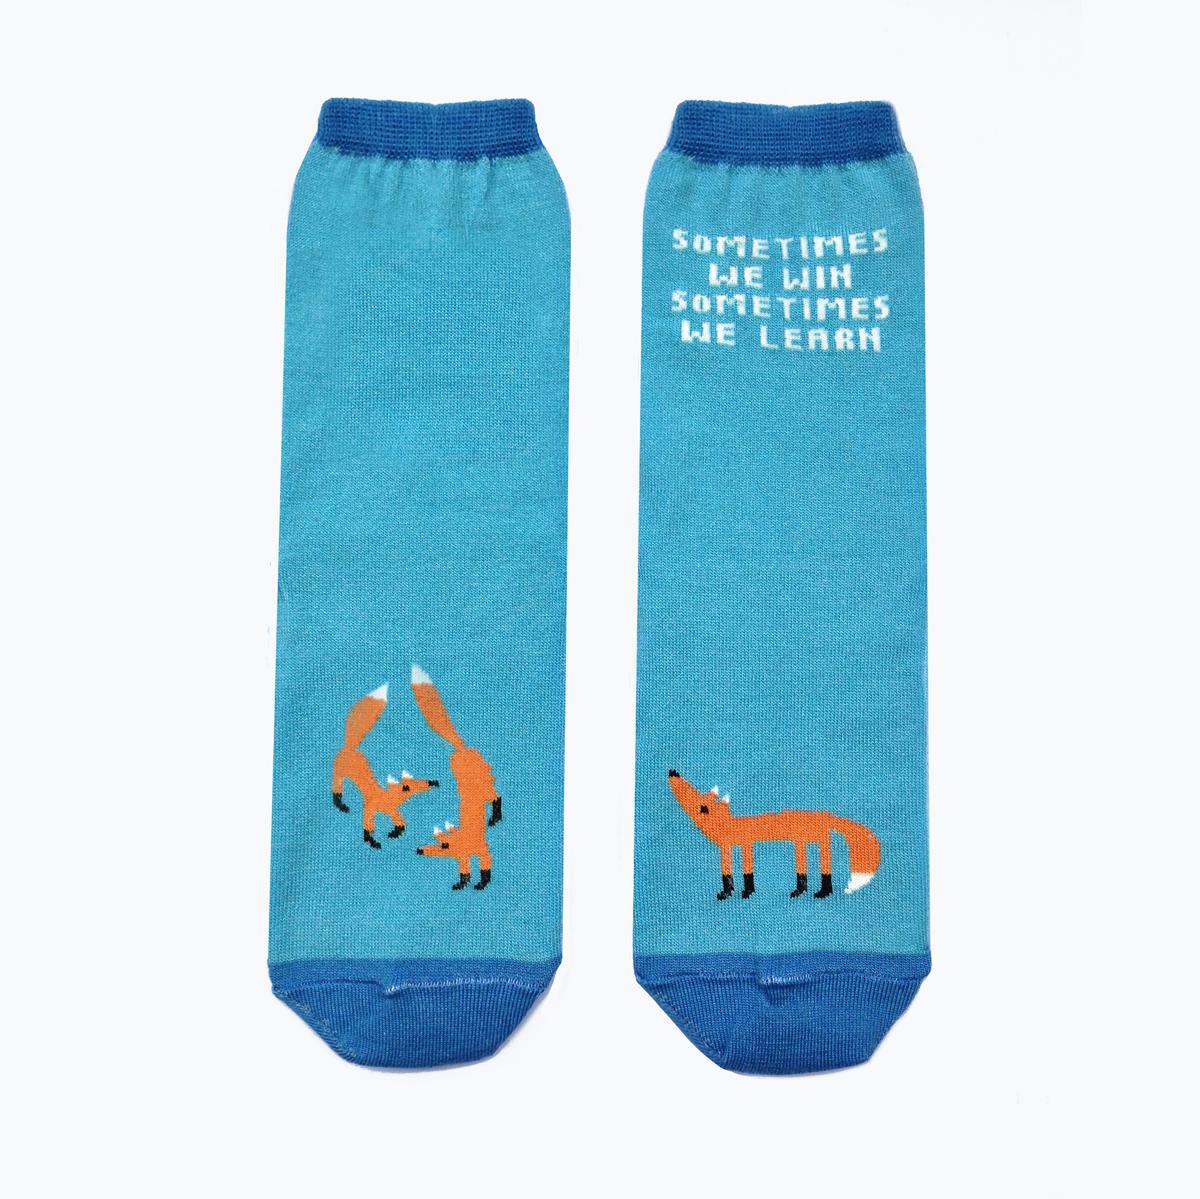 Носкиca1133_махровыеТеплые мужские махровые носки Big Bang Socks изготовлены из высококачественного хлопка с добавлением полиамидных и эластановых волокон, которые обеспечивают великолепную посадку. Носки отличаются ярким стильным дизайном, они оформлены изображением лисичек и надписью: Sometimes we win sometimes we learn. Удобная широкая резинка идеально облегает ногу и не пережимает сосуды, усиленные пятка и мысок повышают износоустойчивость носка, а удлиненный паголенок придает более эстетичный вид. Дизайнерские носки Big Bang Socks - яркая деталь в вашем образе и оригинальный подарок для друзей и близких.